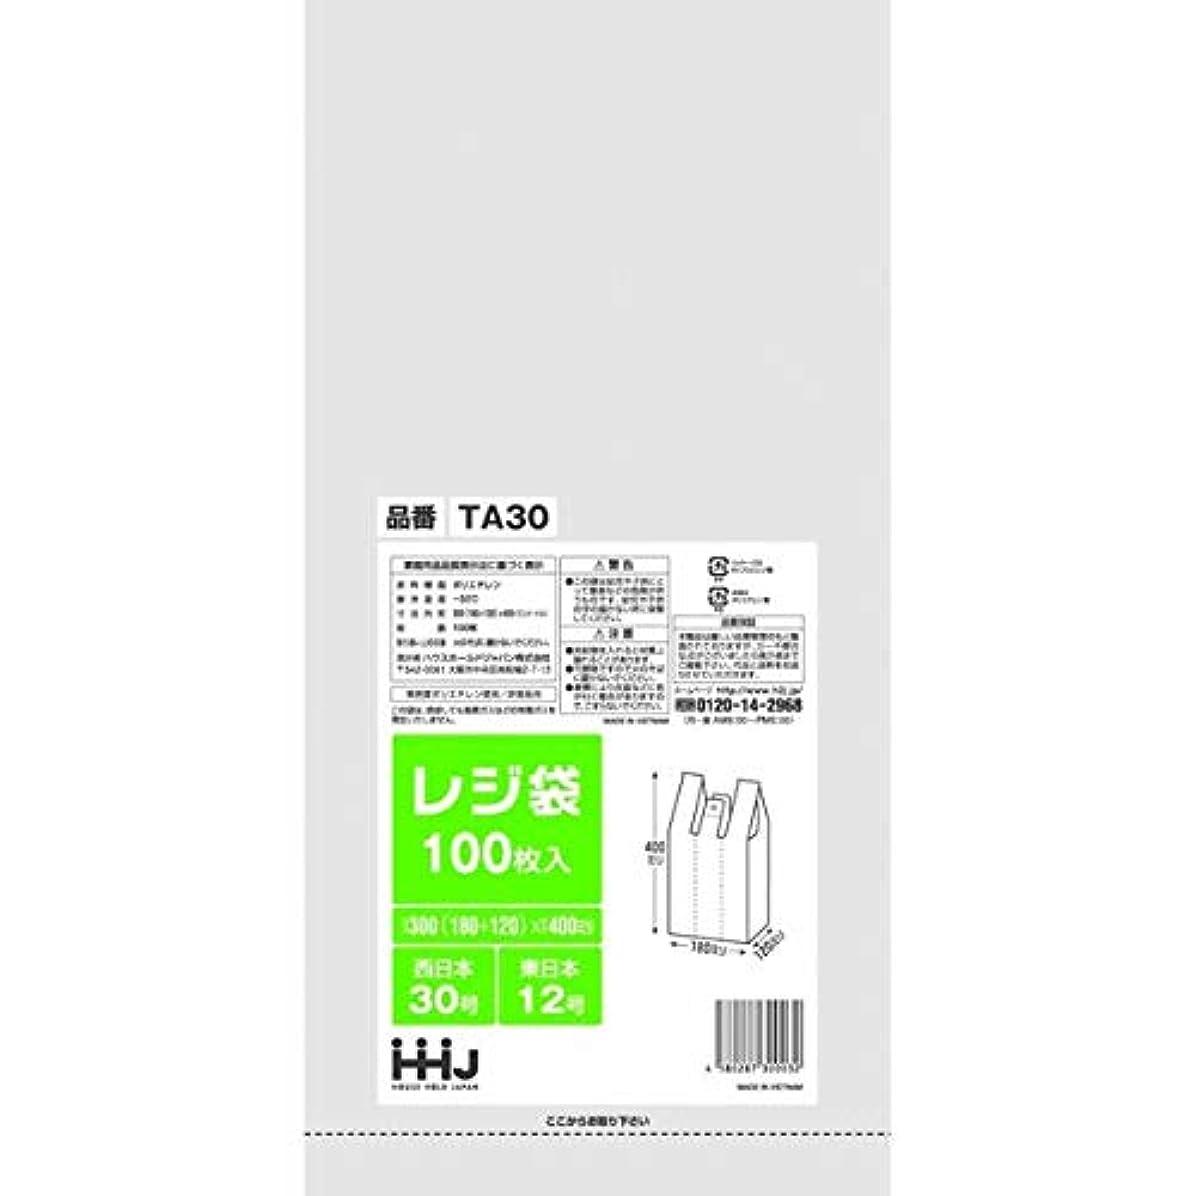 ウェーハいつか勇気のあるレジ袋 白 西日本30号 東日本12号 300(120)x 400mm 6000枚 エンボス加工 TA30